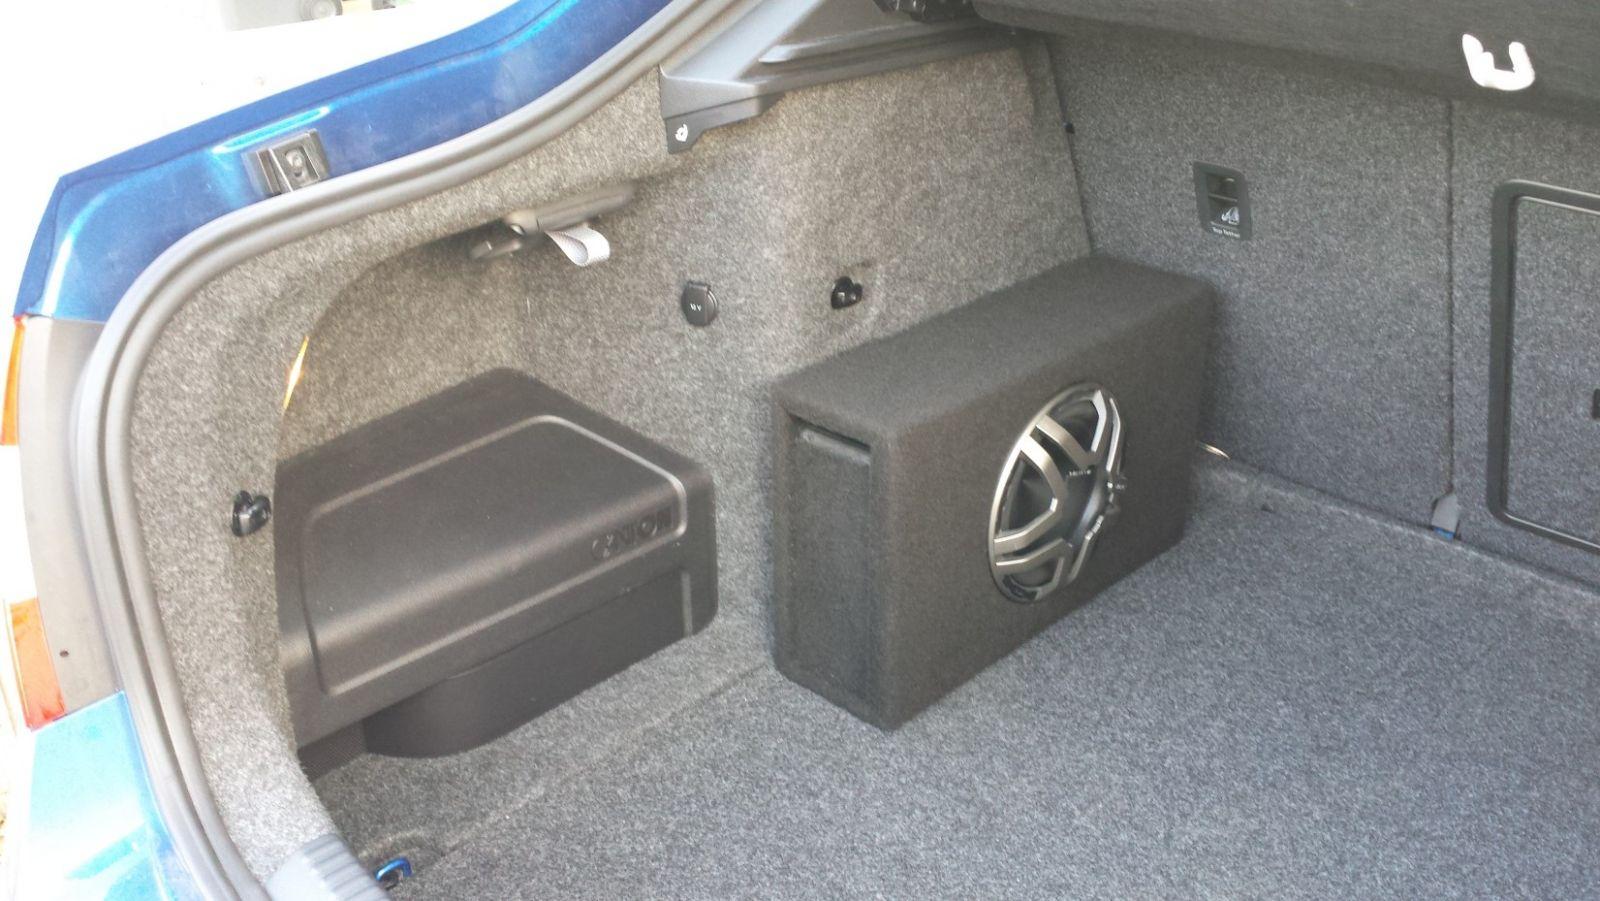 Major Sound System Upgrade Skoda Octavia Mk Iii 2013